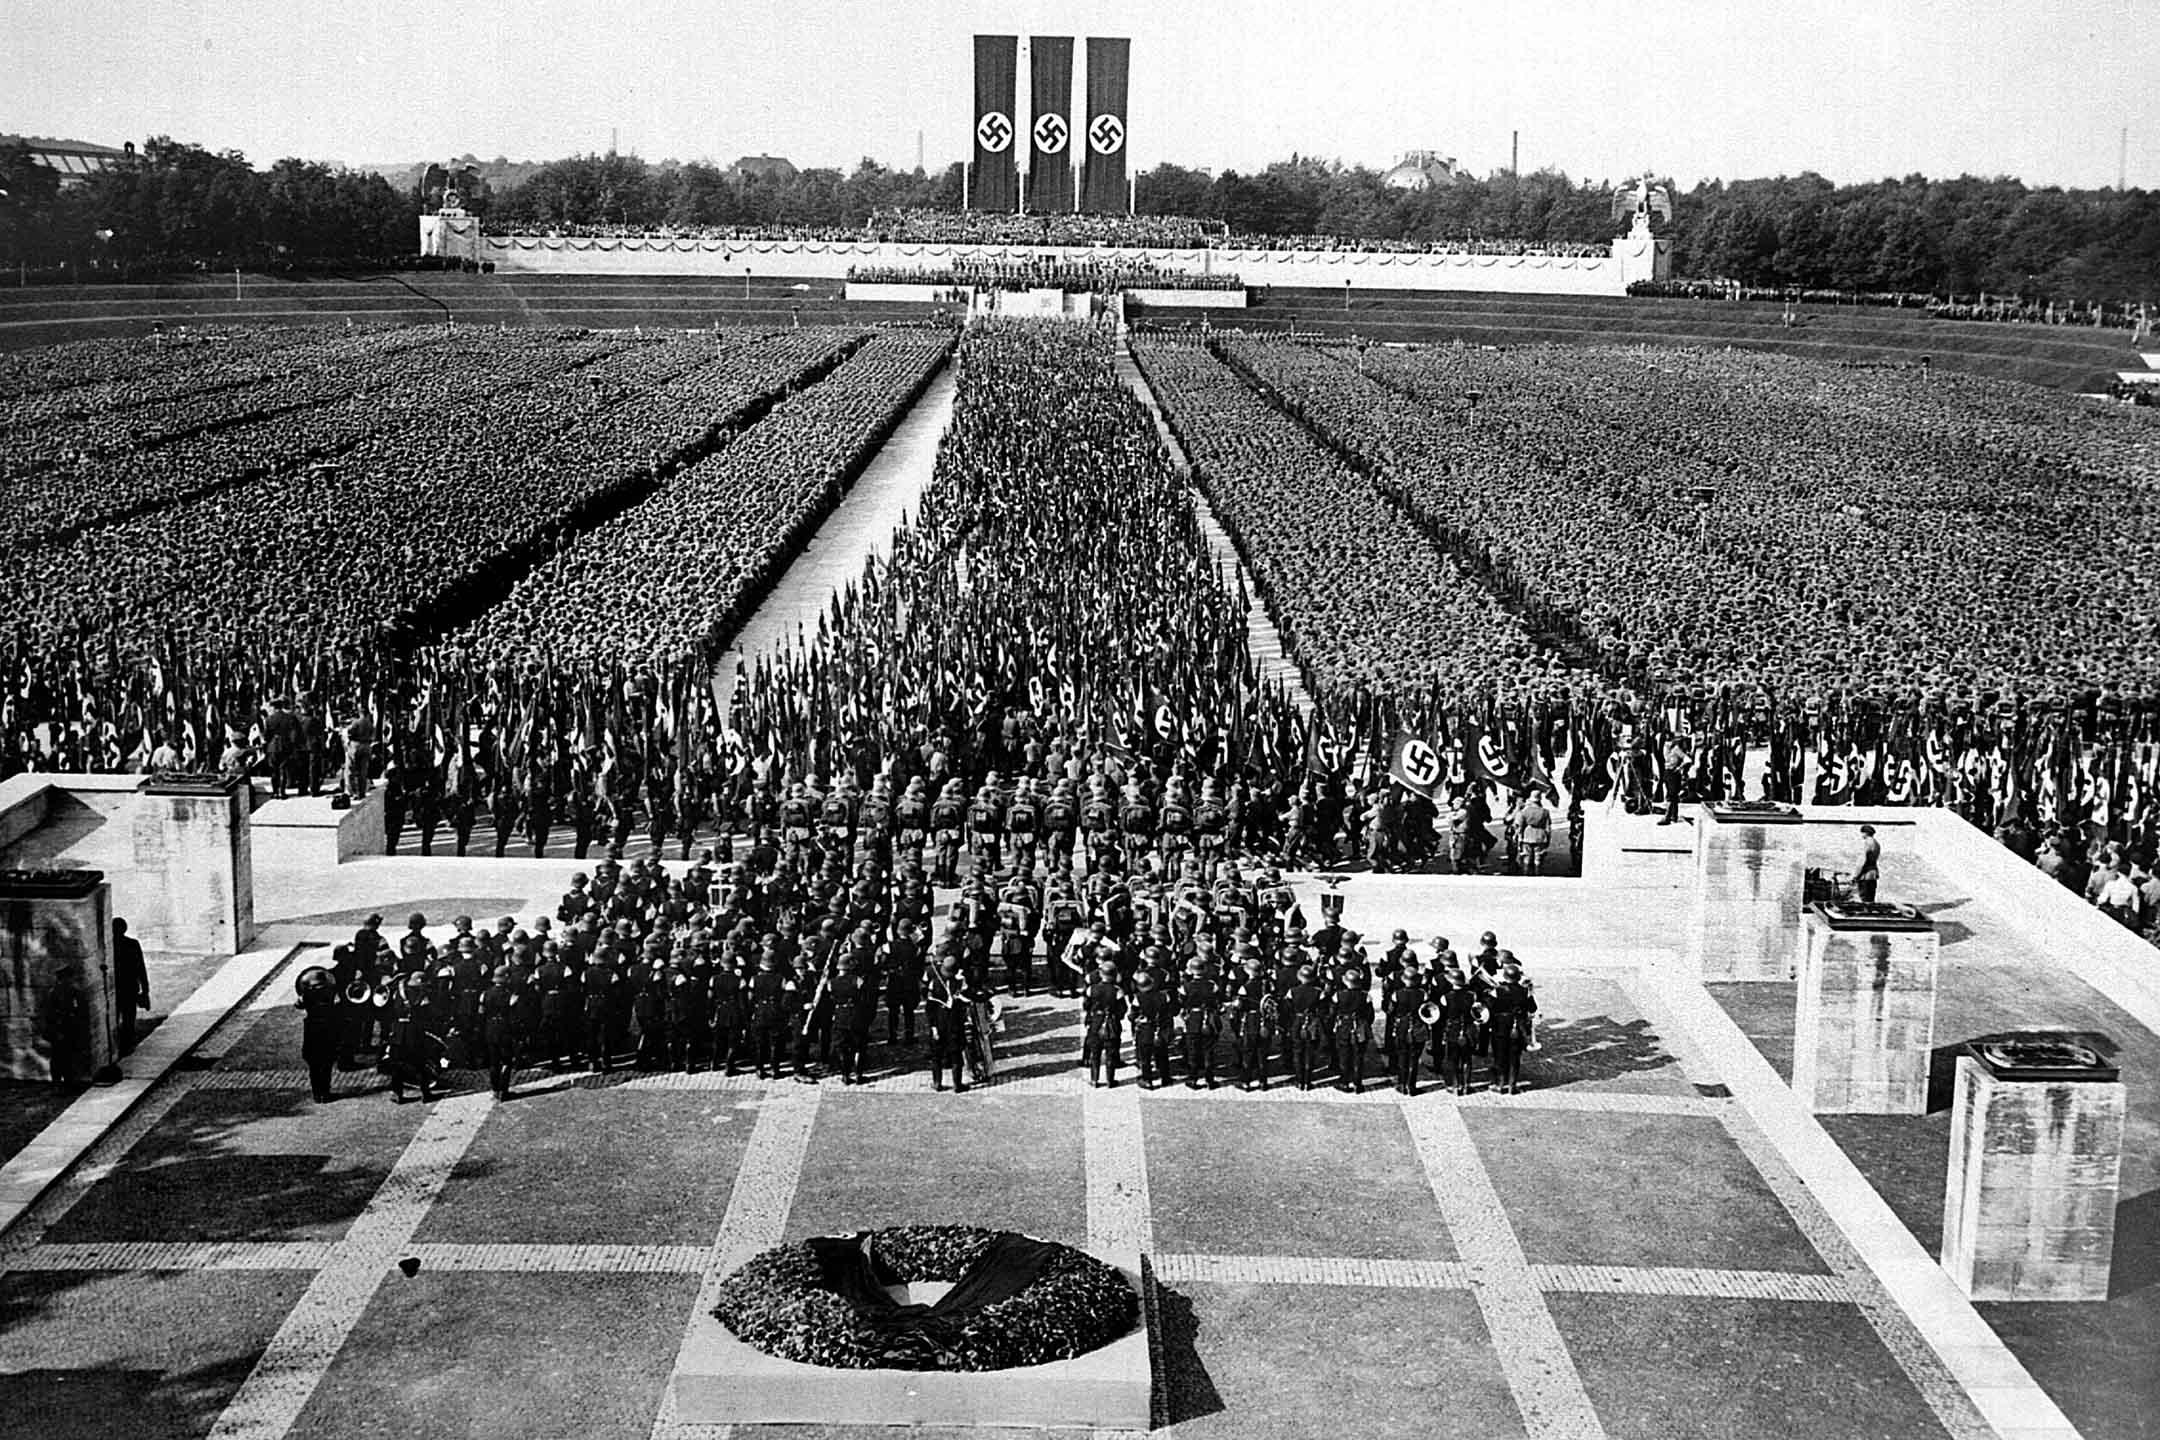 1935年德國,蘭妮·萊芬斯坦 (Leni Riefenstahl) 的電影《意志的勝利》場景。